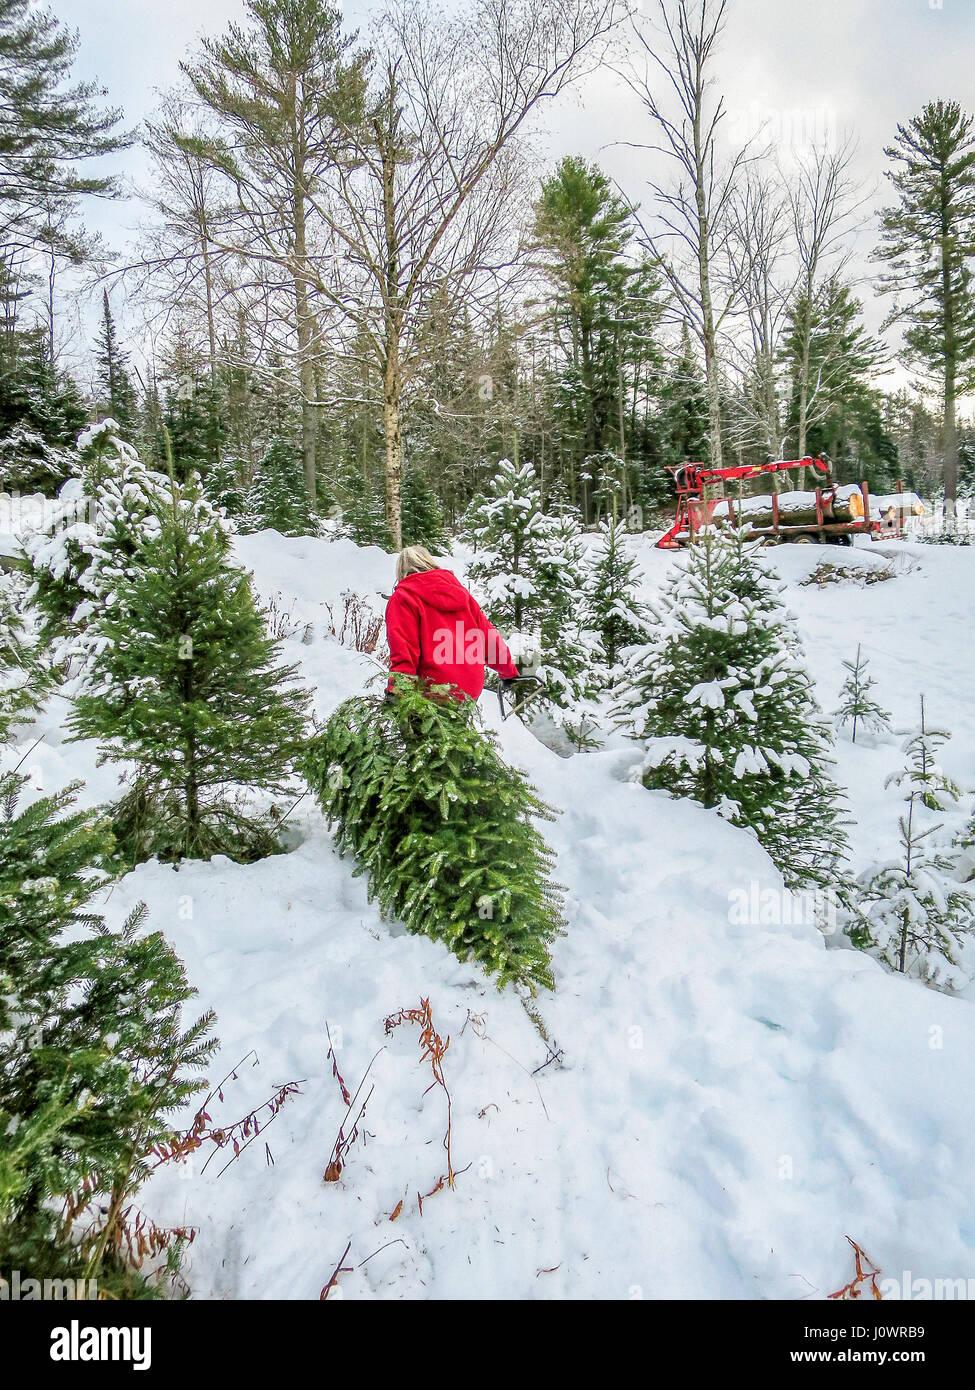 Une femme dans un manteau d'hiver rouge vif fait glisser son couper arbre de Noël dans la neige profonde à un arbre de Noël ferme dans le nord du New Hampshire, USA. Banque D'Images